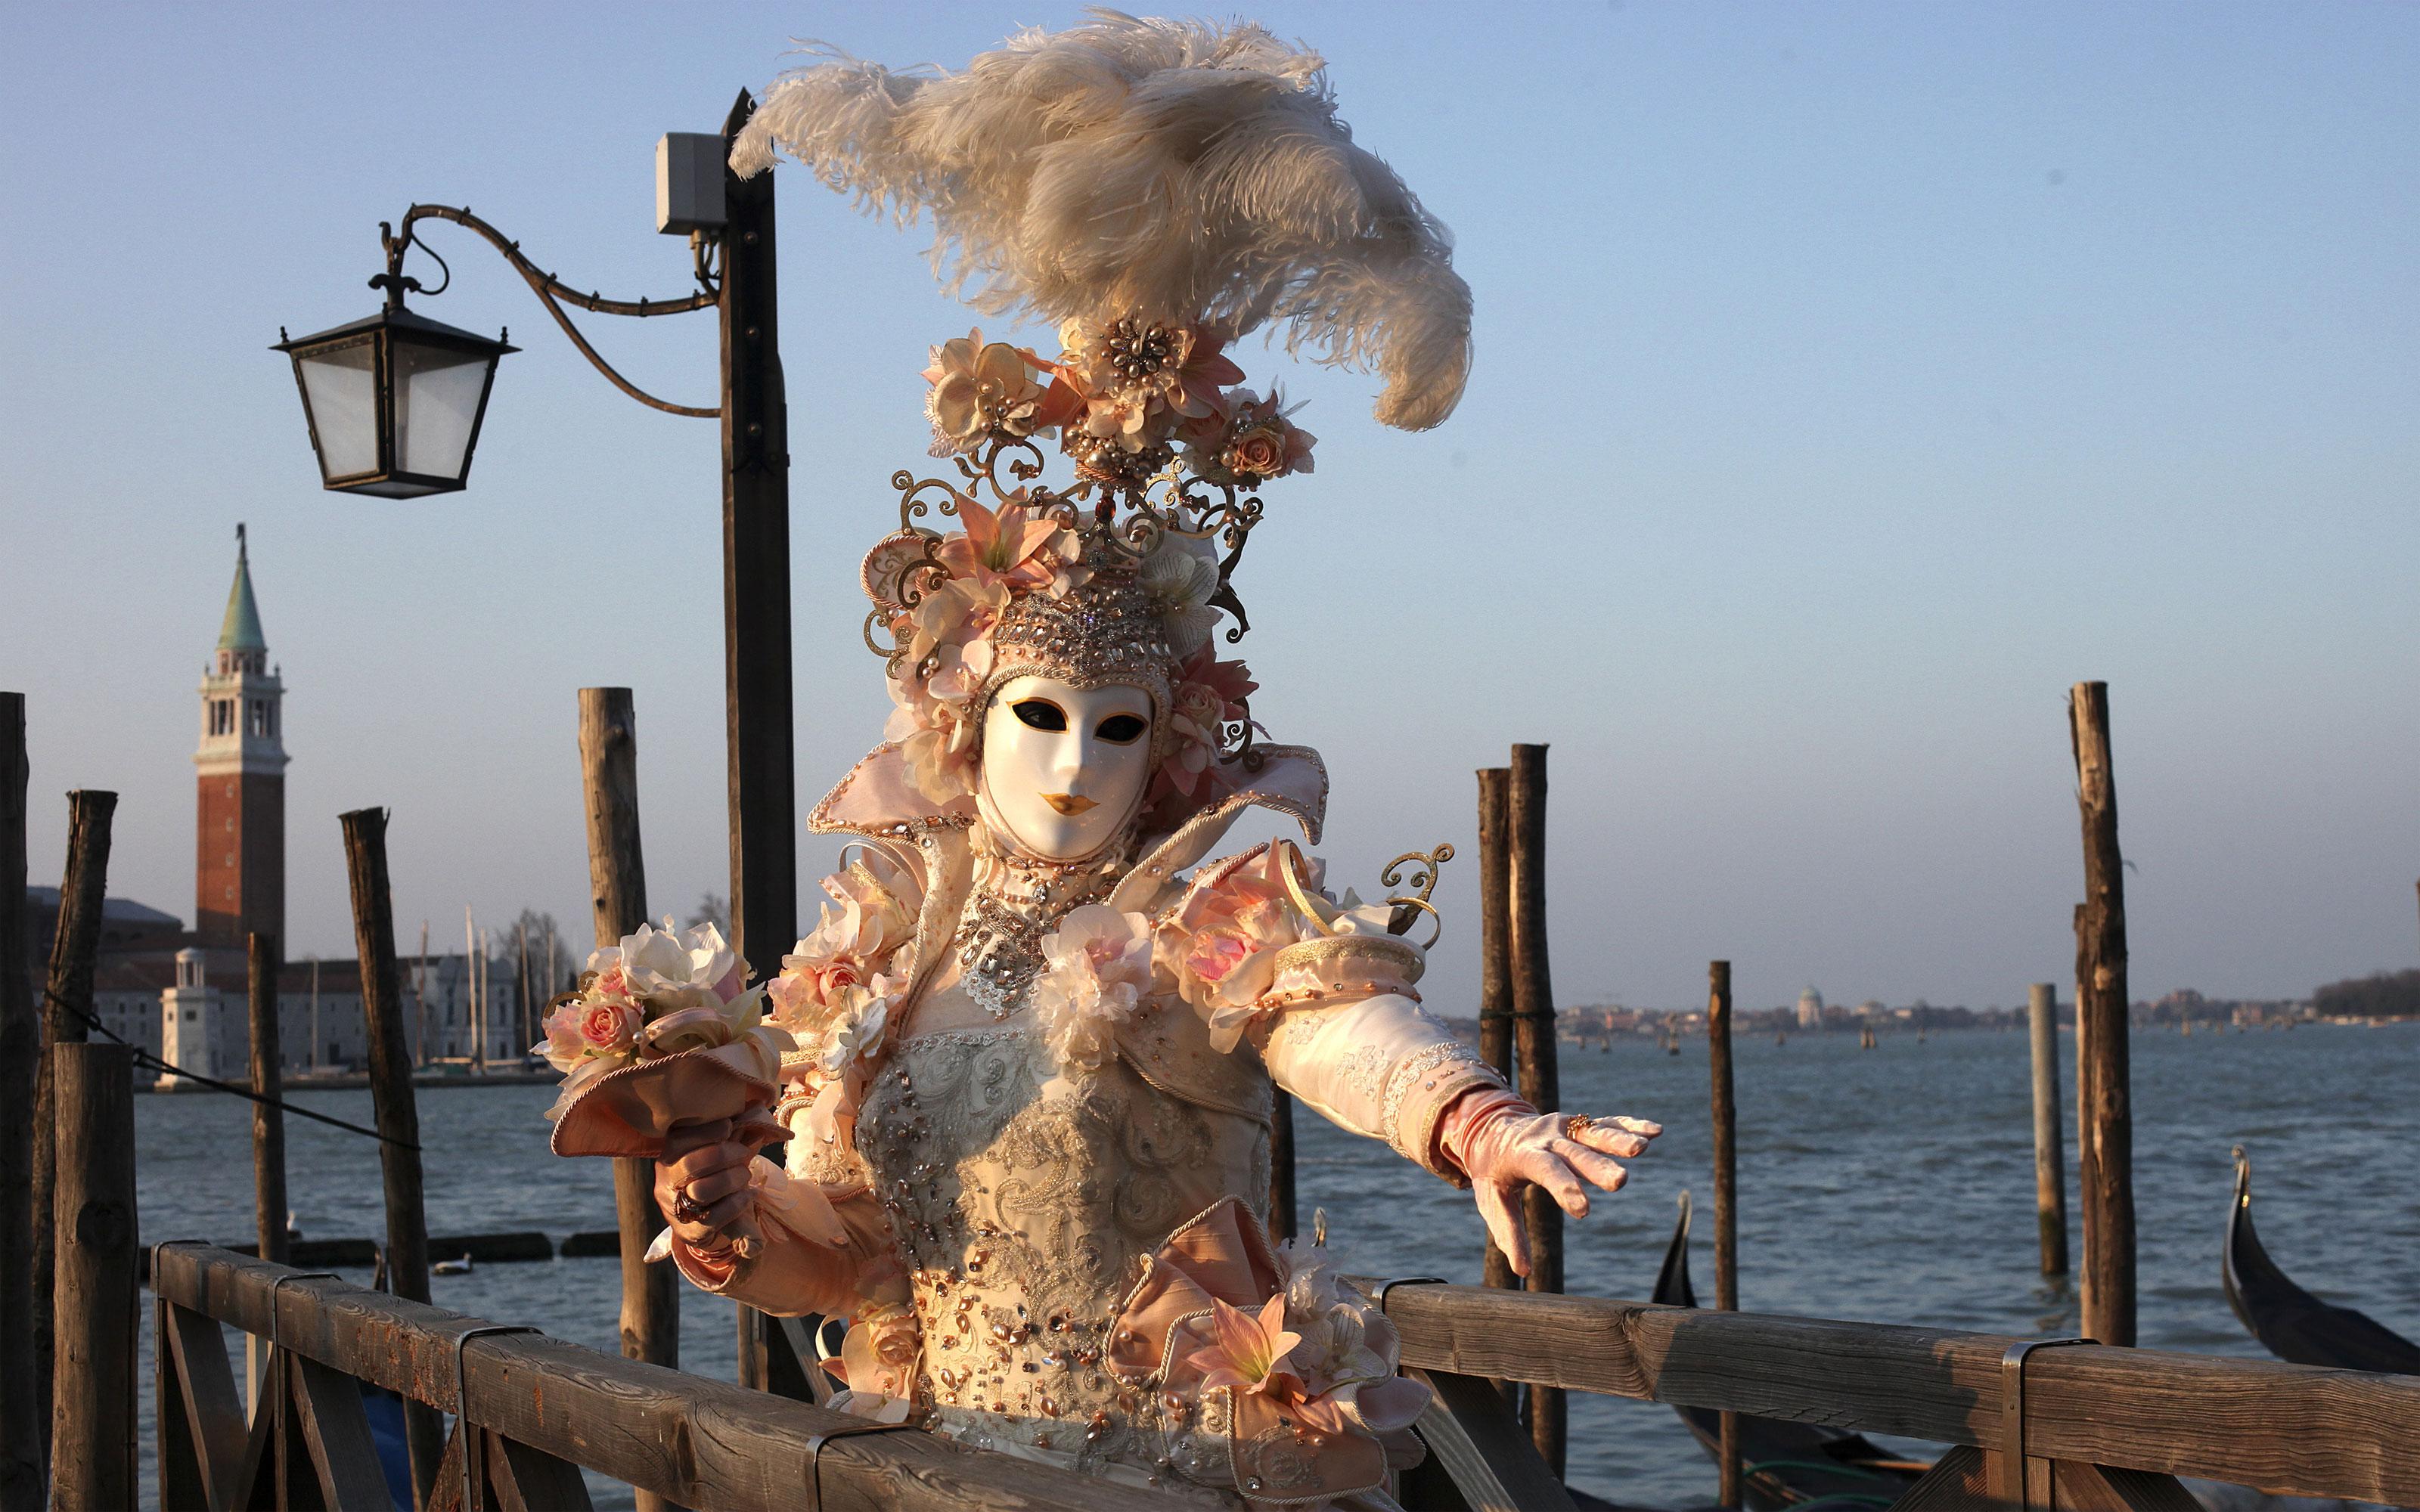 карнавал в венеции 2014 фото